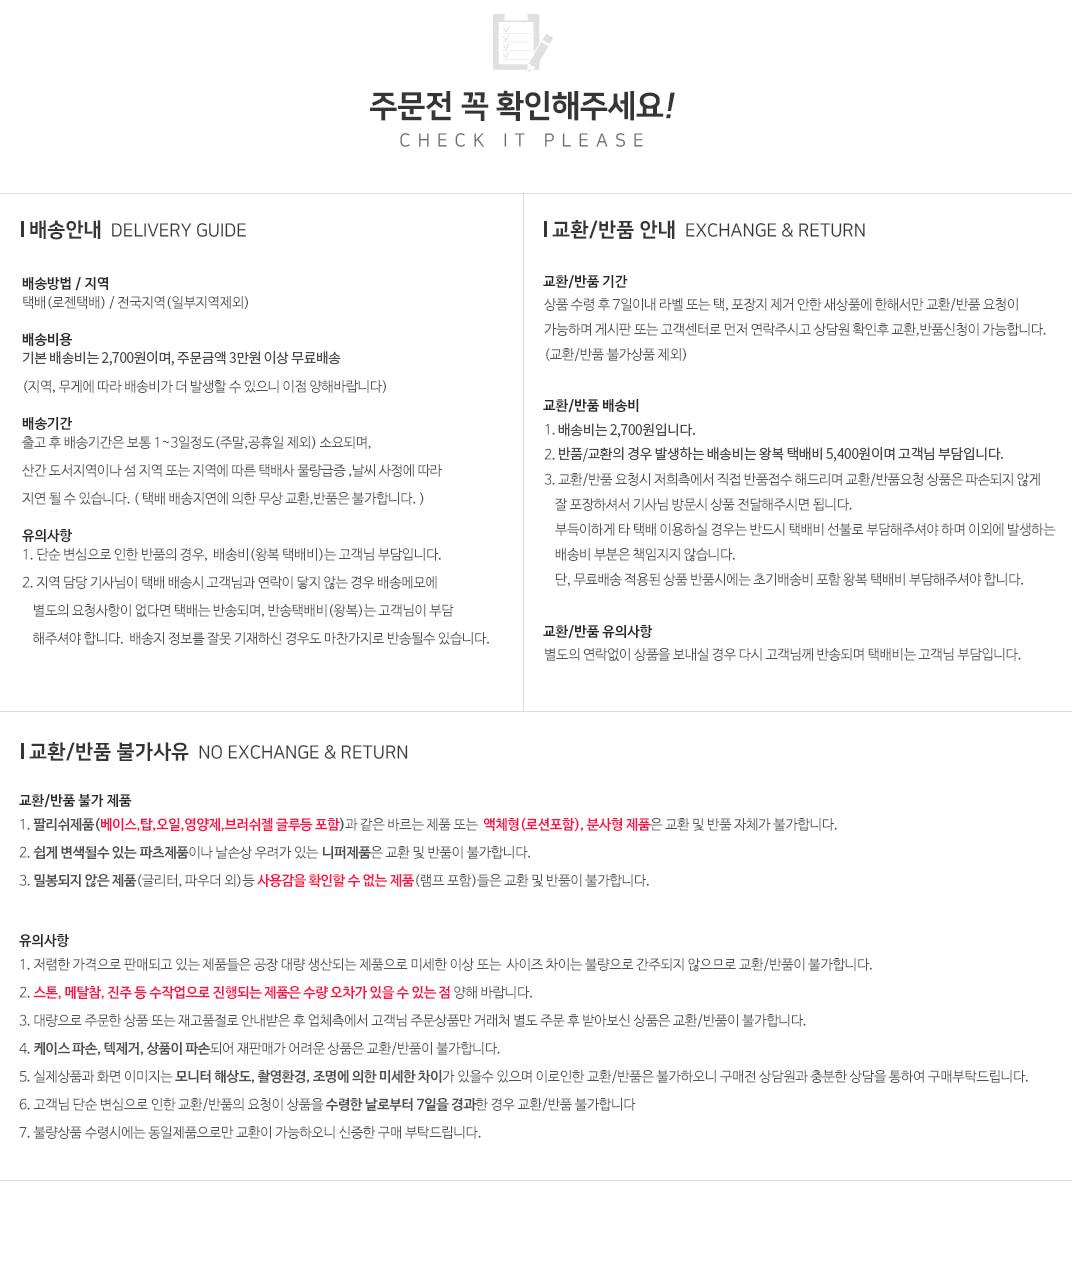 엔틱로얄 컬렉션-14 - 네일트렌드, 1,000원, 네일, 네일스티커/파츠